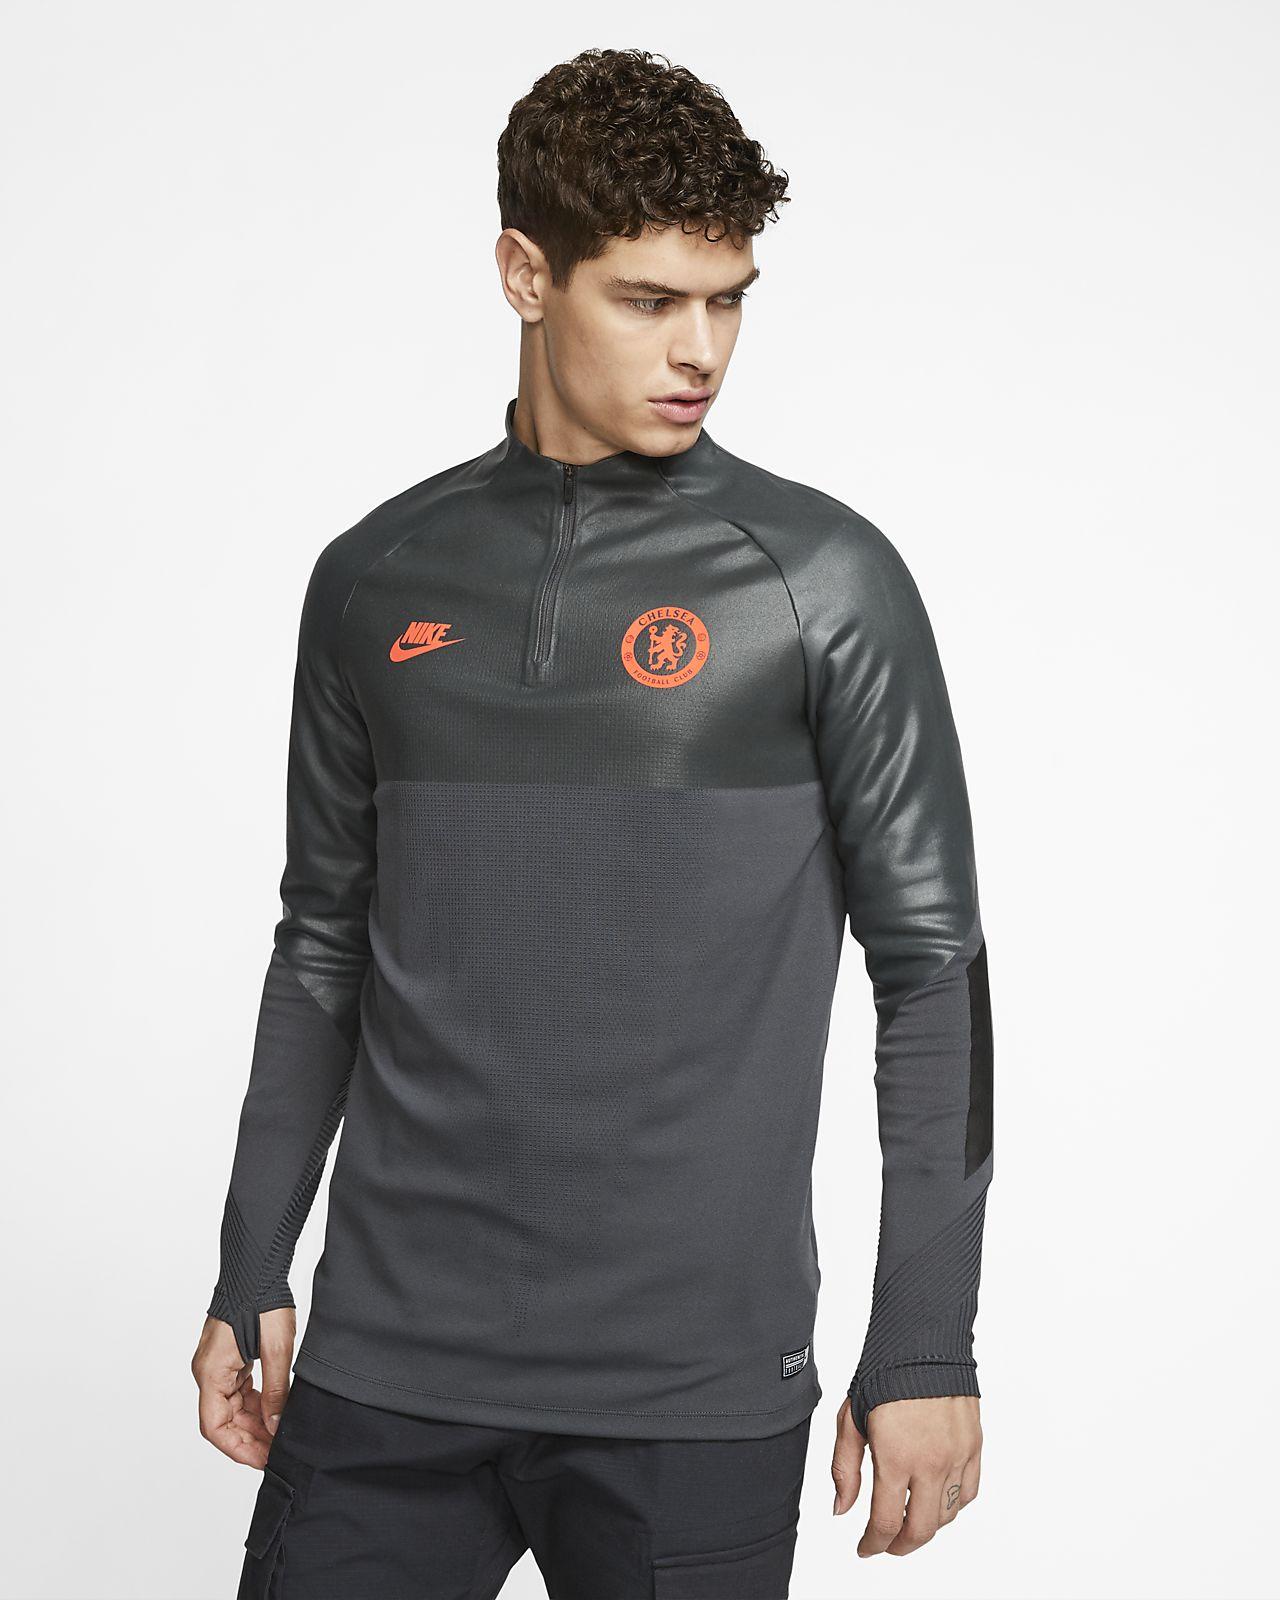 Maglia da calcio per allenamento Nike VaporKnit Chelsea FC Strike - Uomo